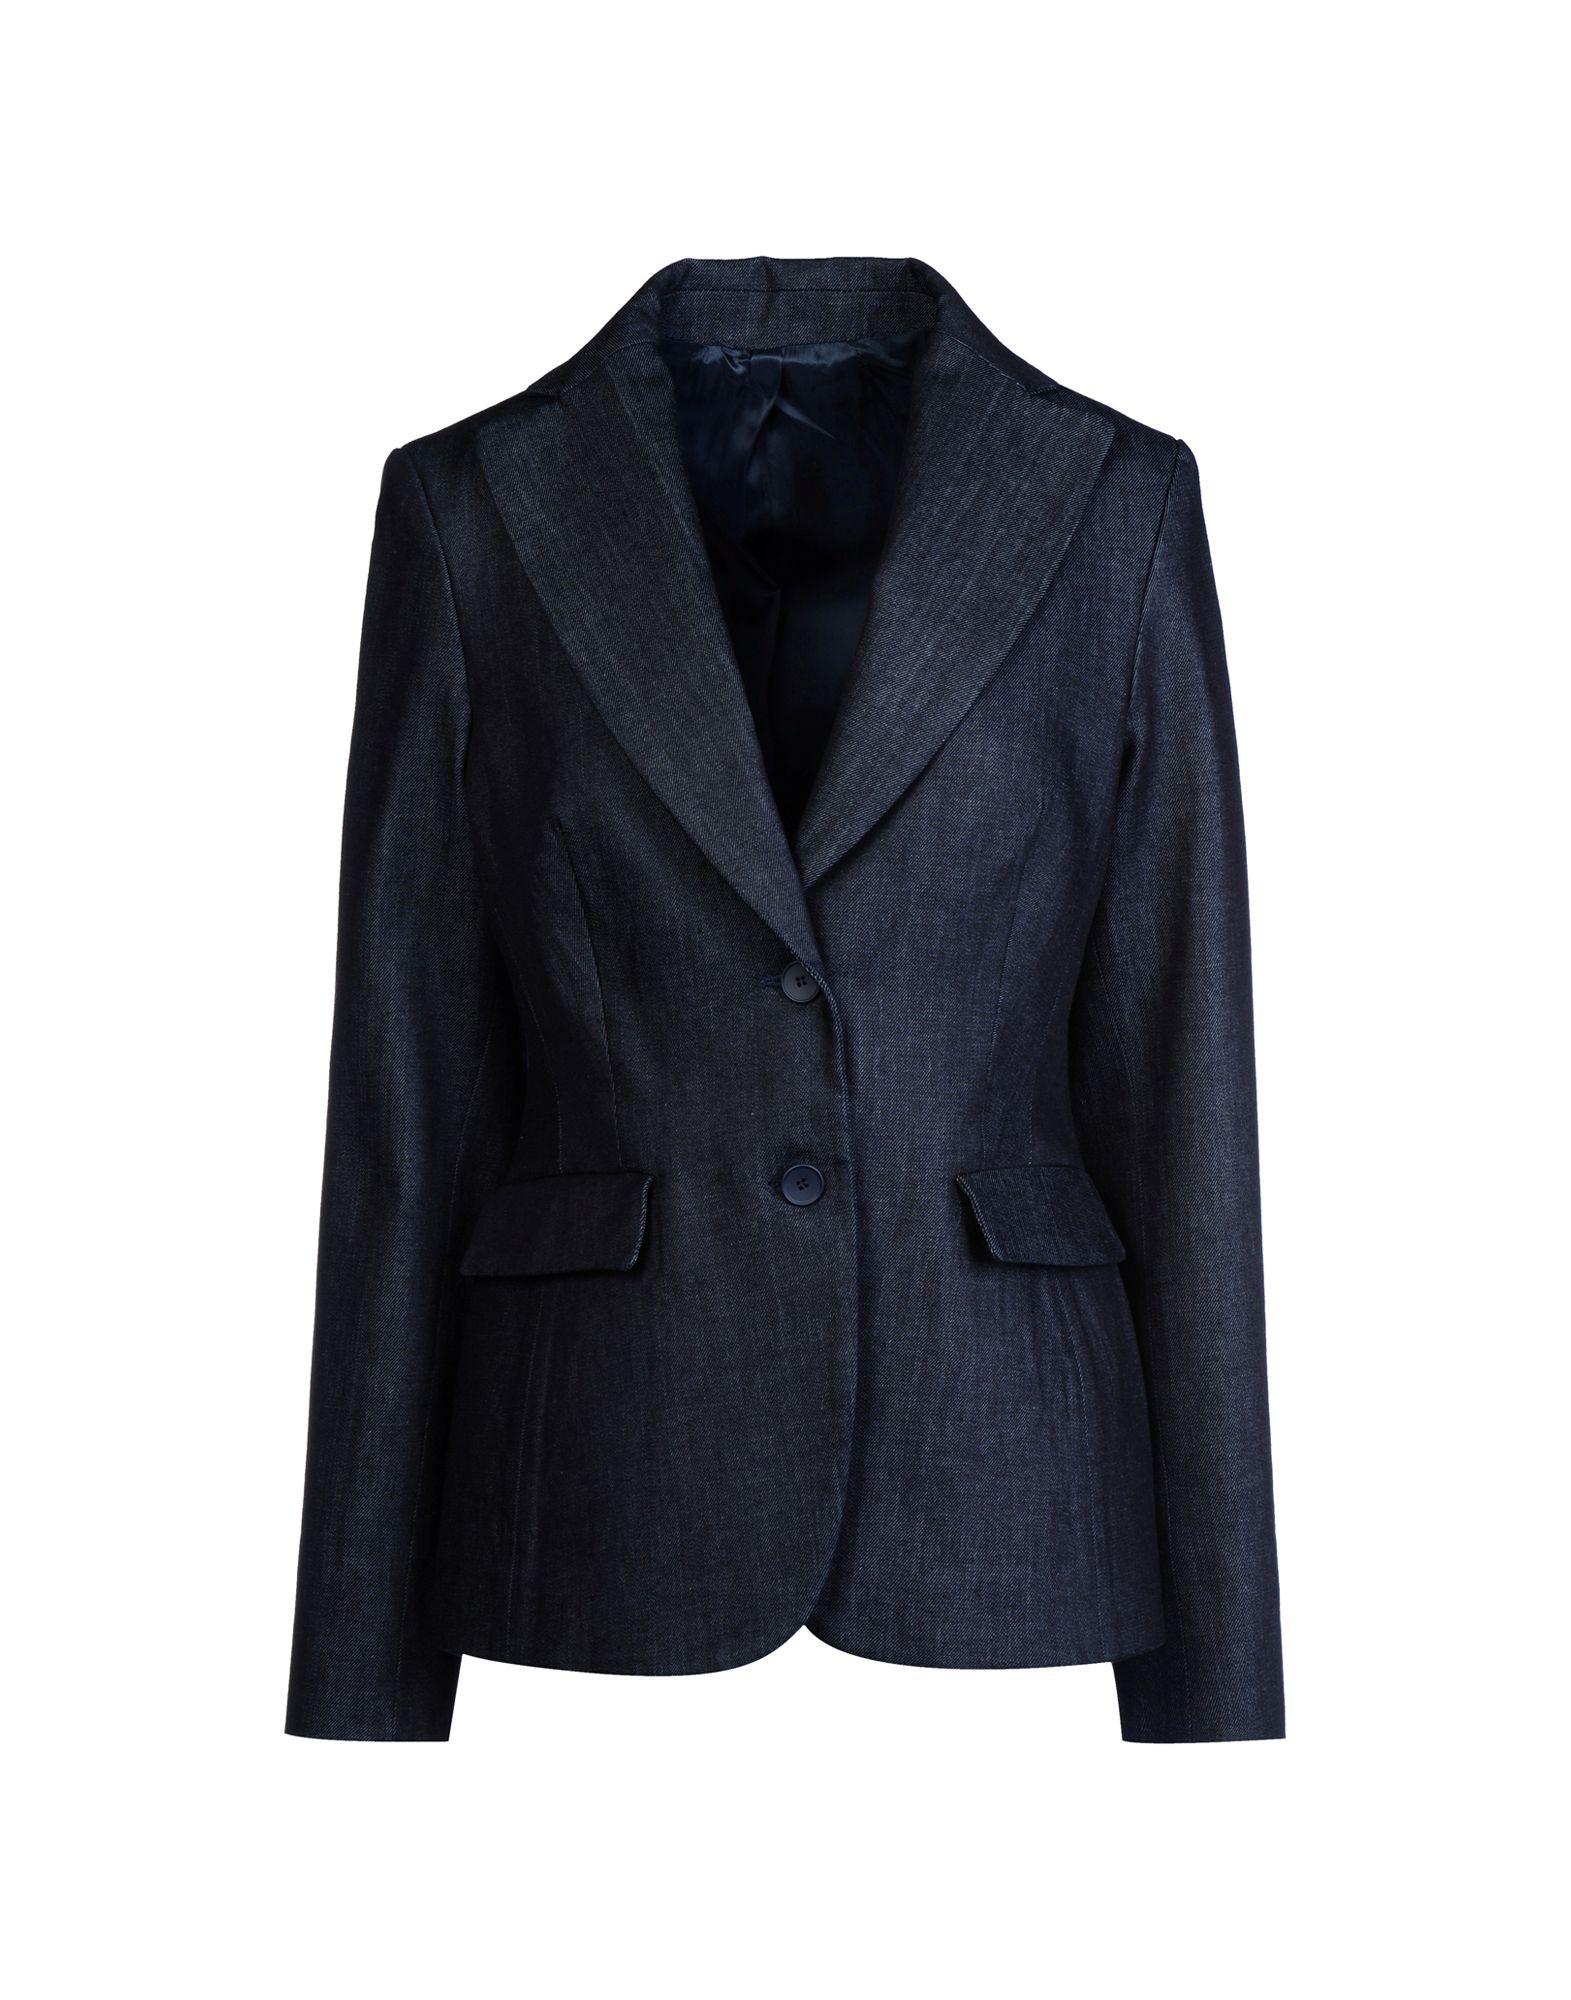 8 Джинсовая верхняя одежда avignon джинсовая верхняя одежда